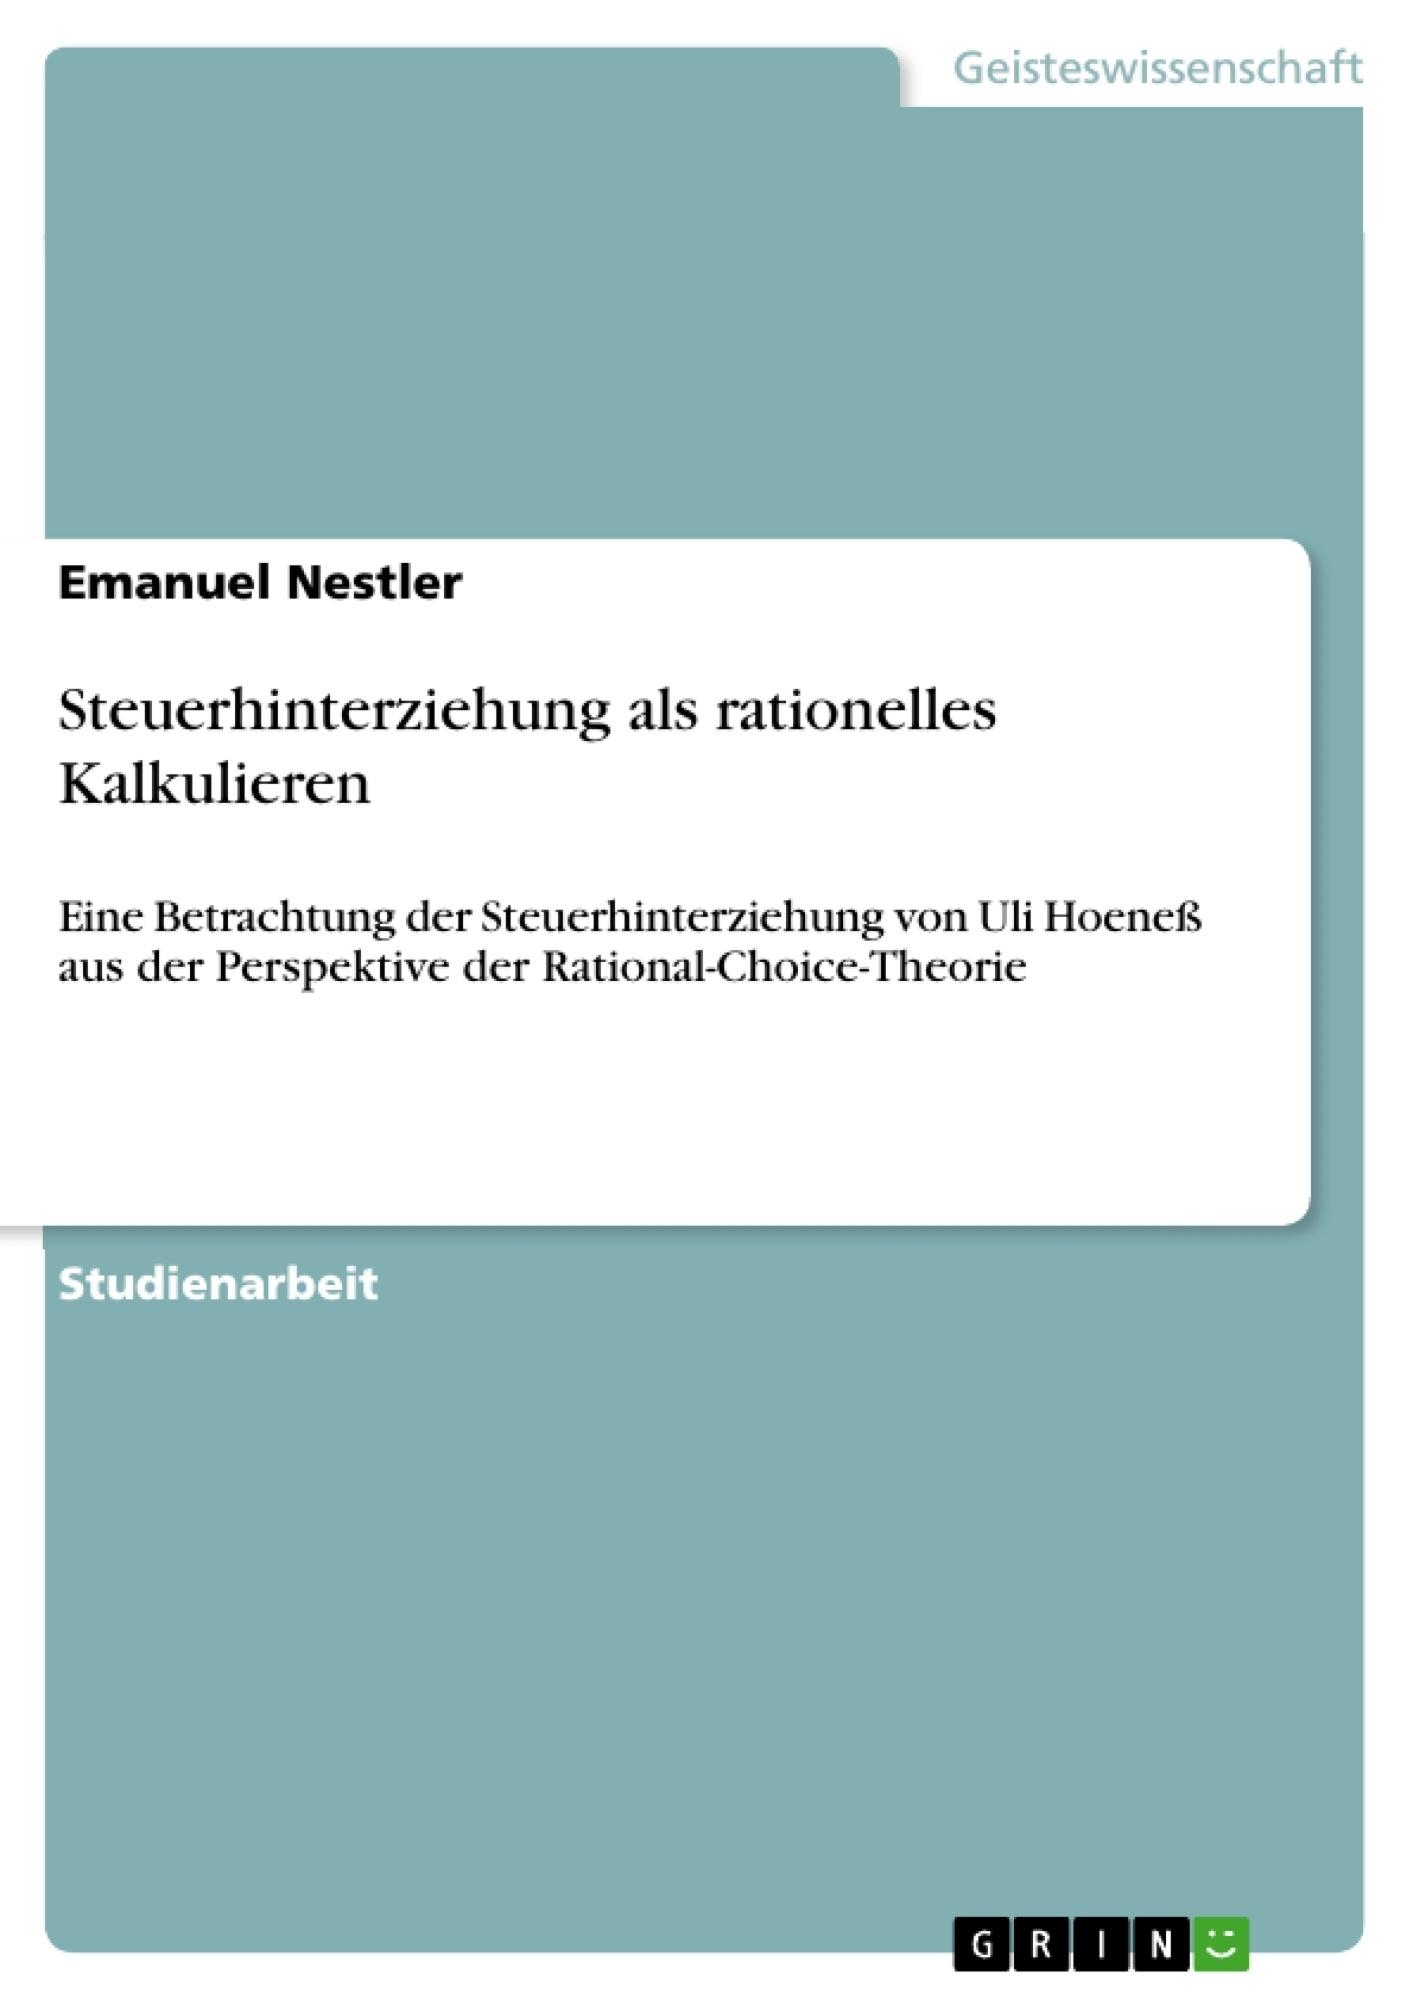 Titel: Steuerhinterziehung als rationelles Kalkulieren